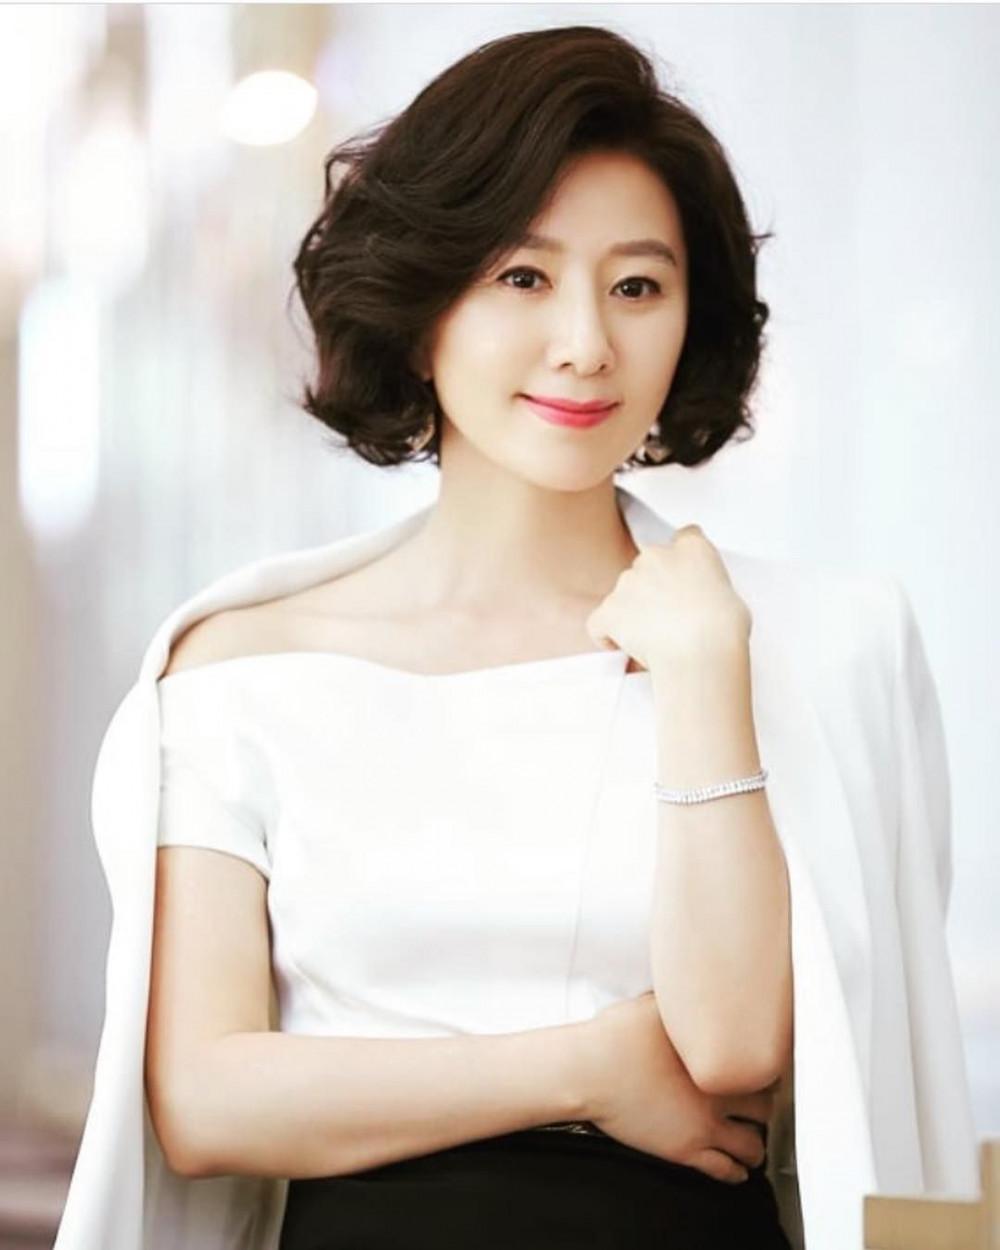 Bước sang tuổi 53 nhưng sắc vóc mảnh mai, nhan sắc vượt thời gian của Kim Hee Ae vẫn nhận được nhiều lời ngợi khen từ khán giả.